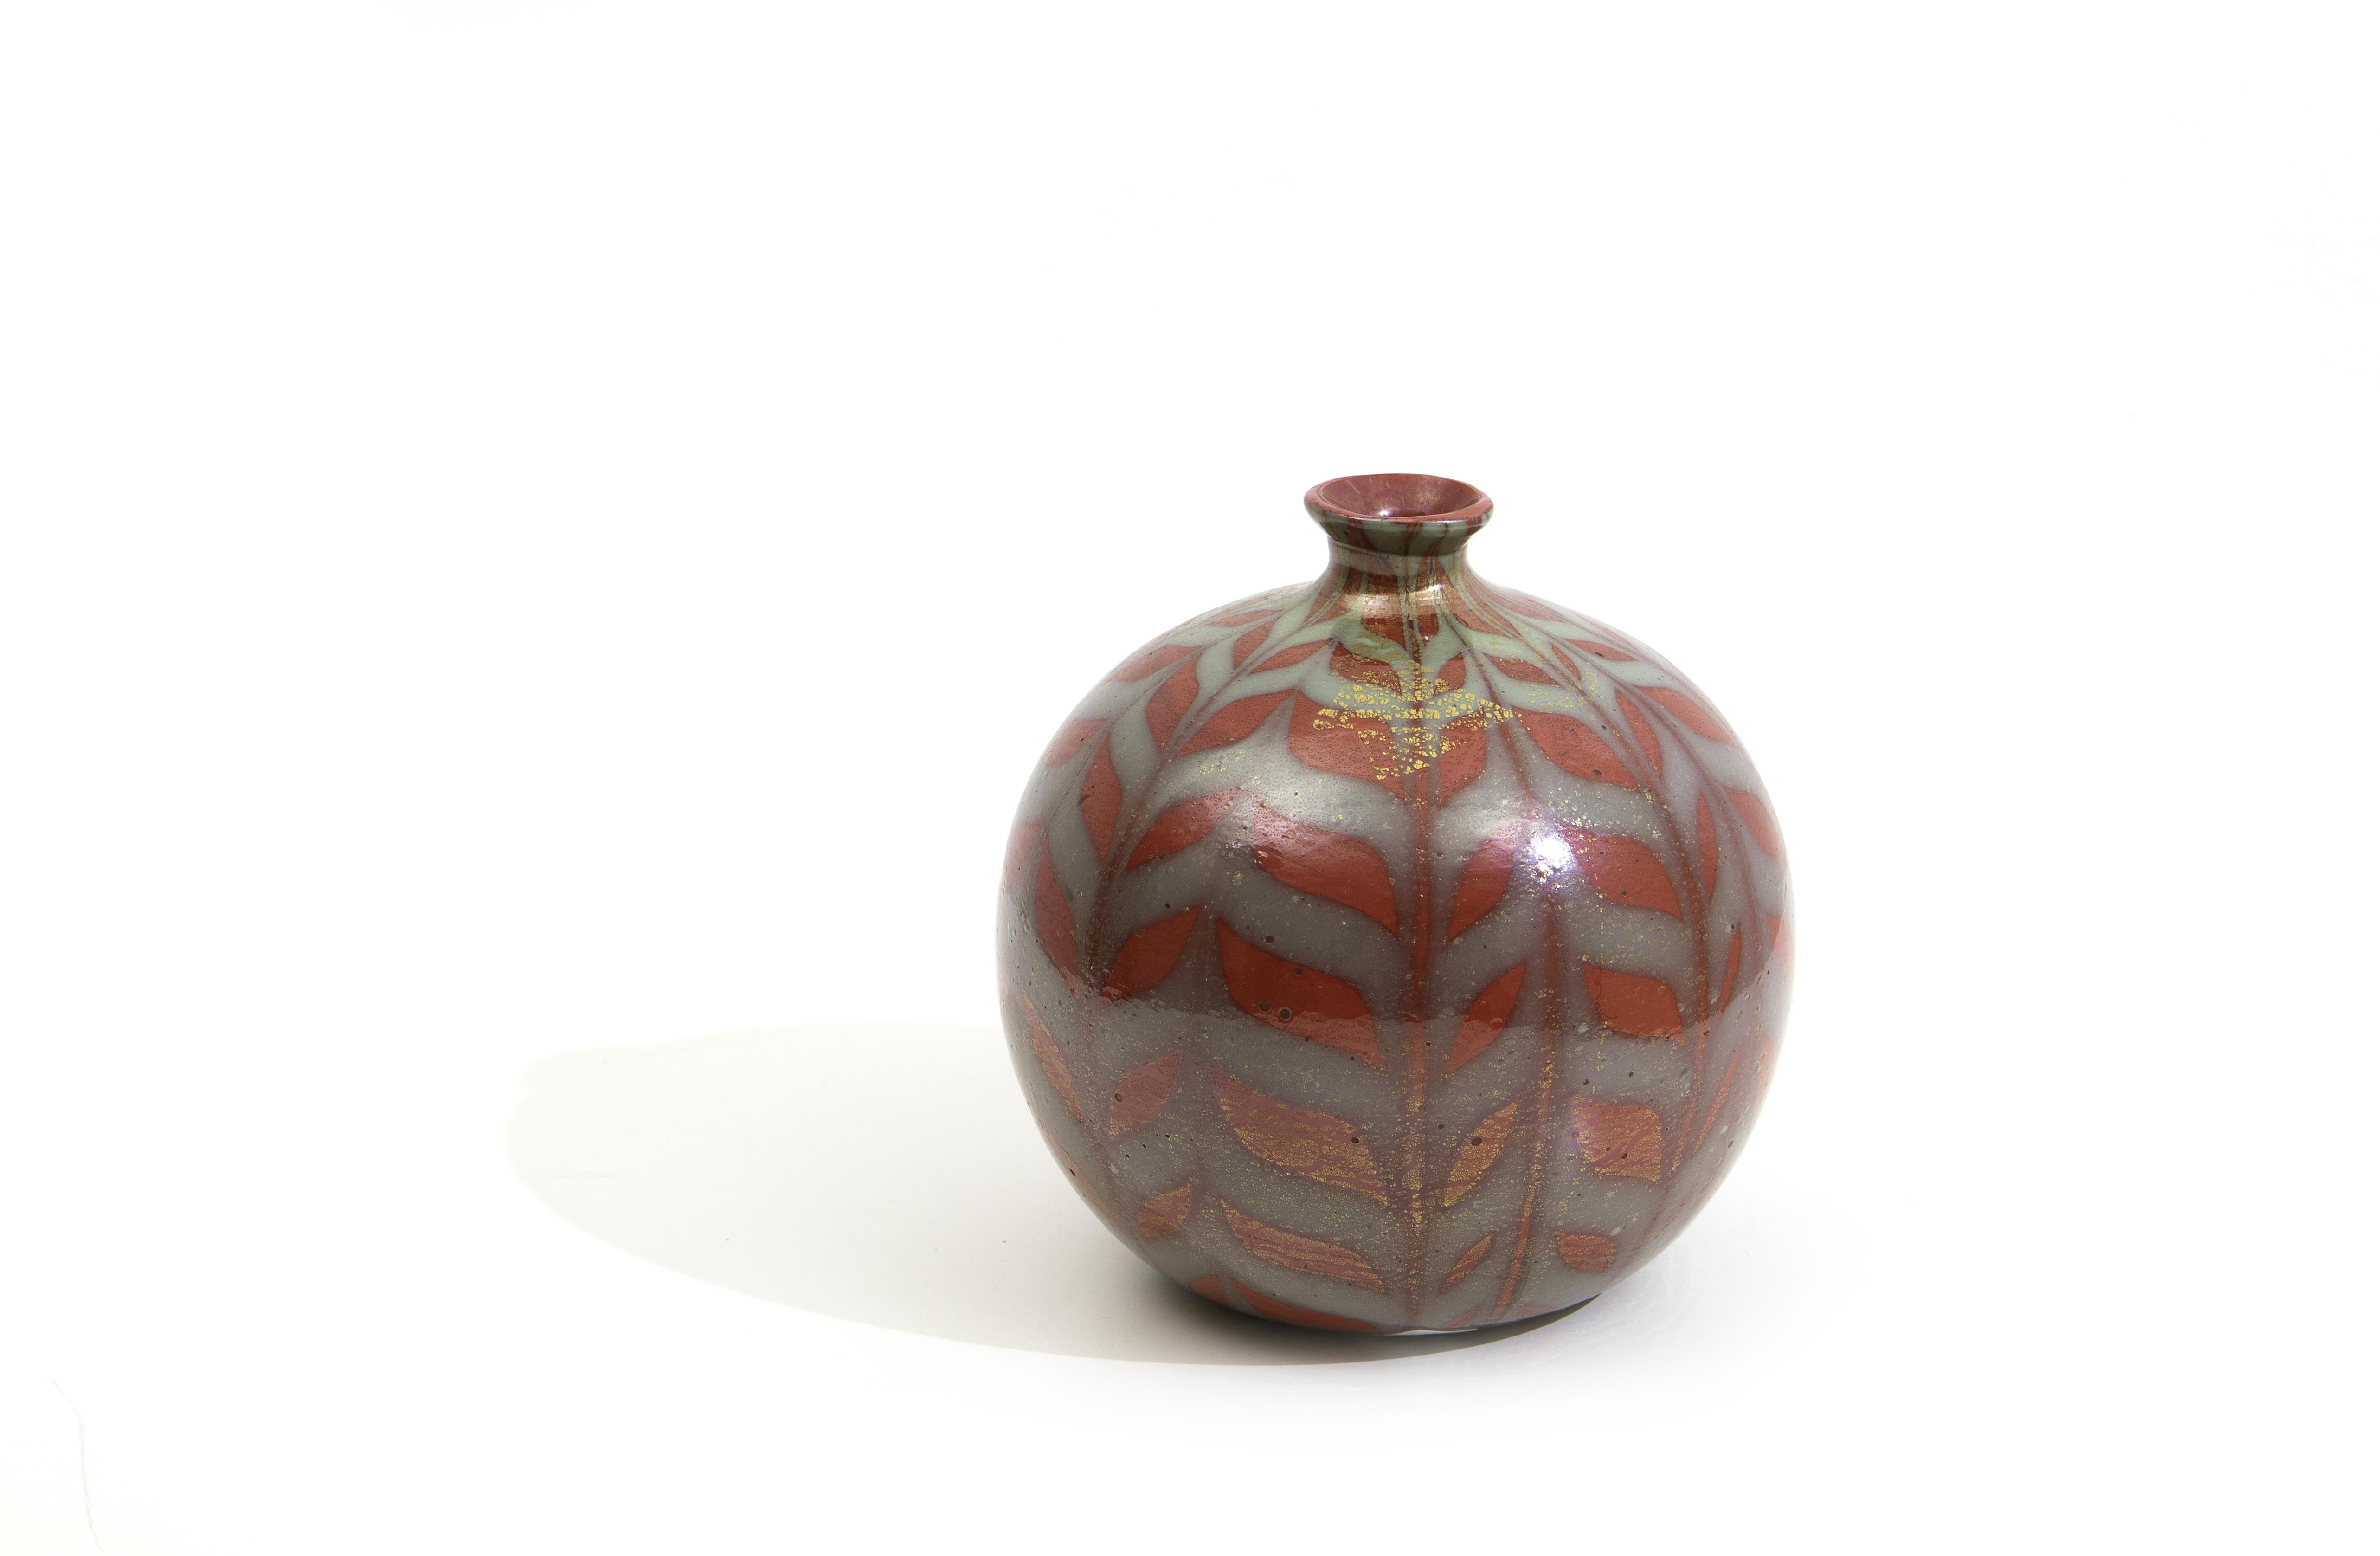 A rare coral vase, Carlo Scarpa, M.V.M. Capellin. c. 1930.